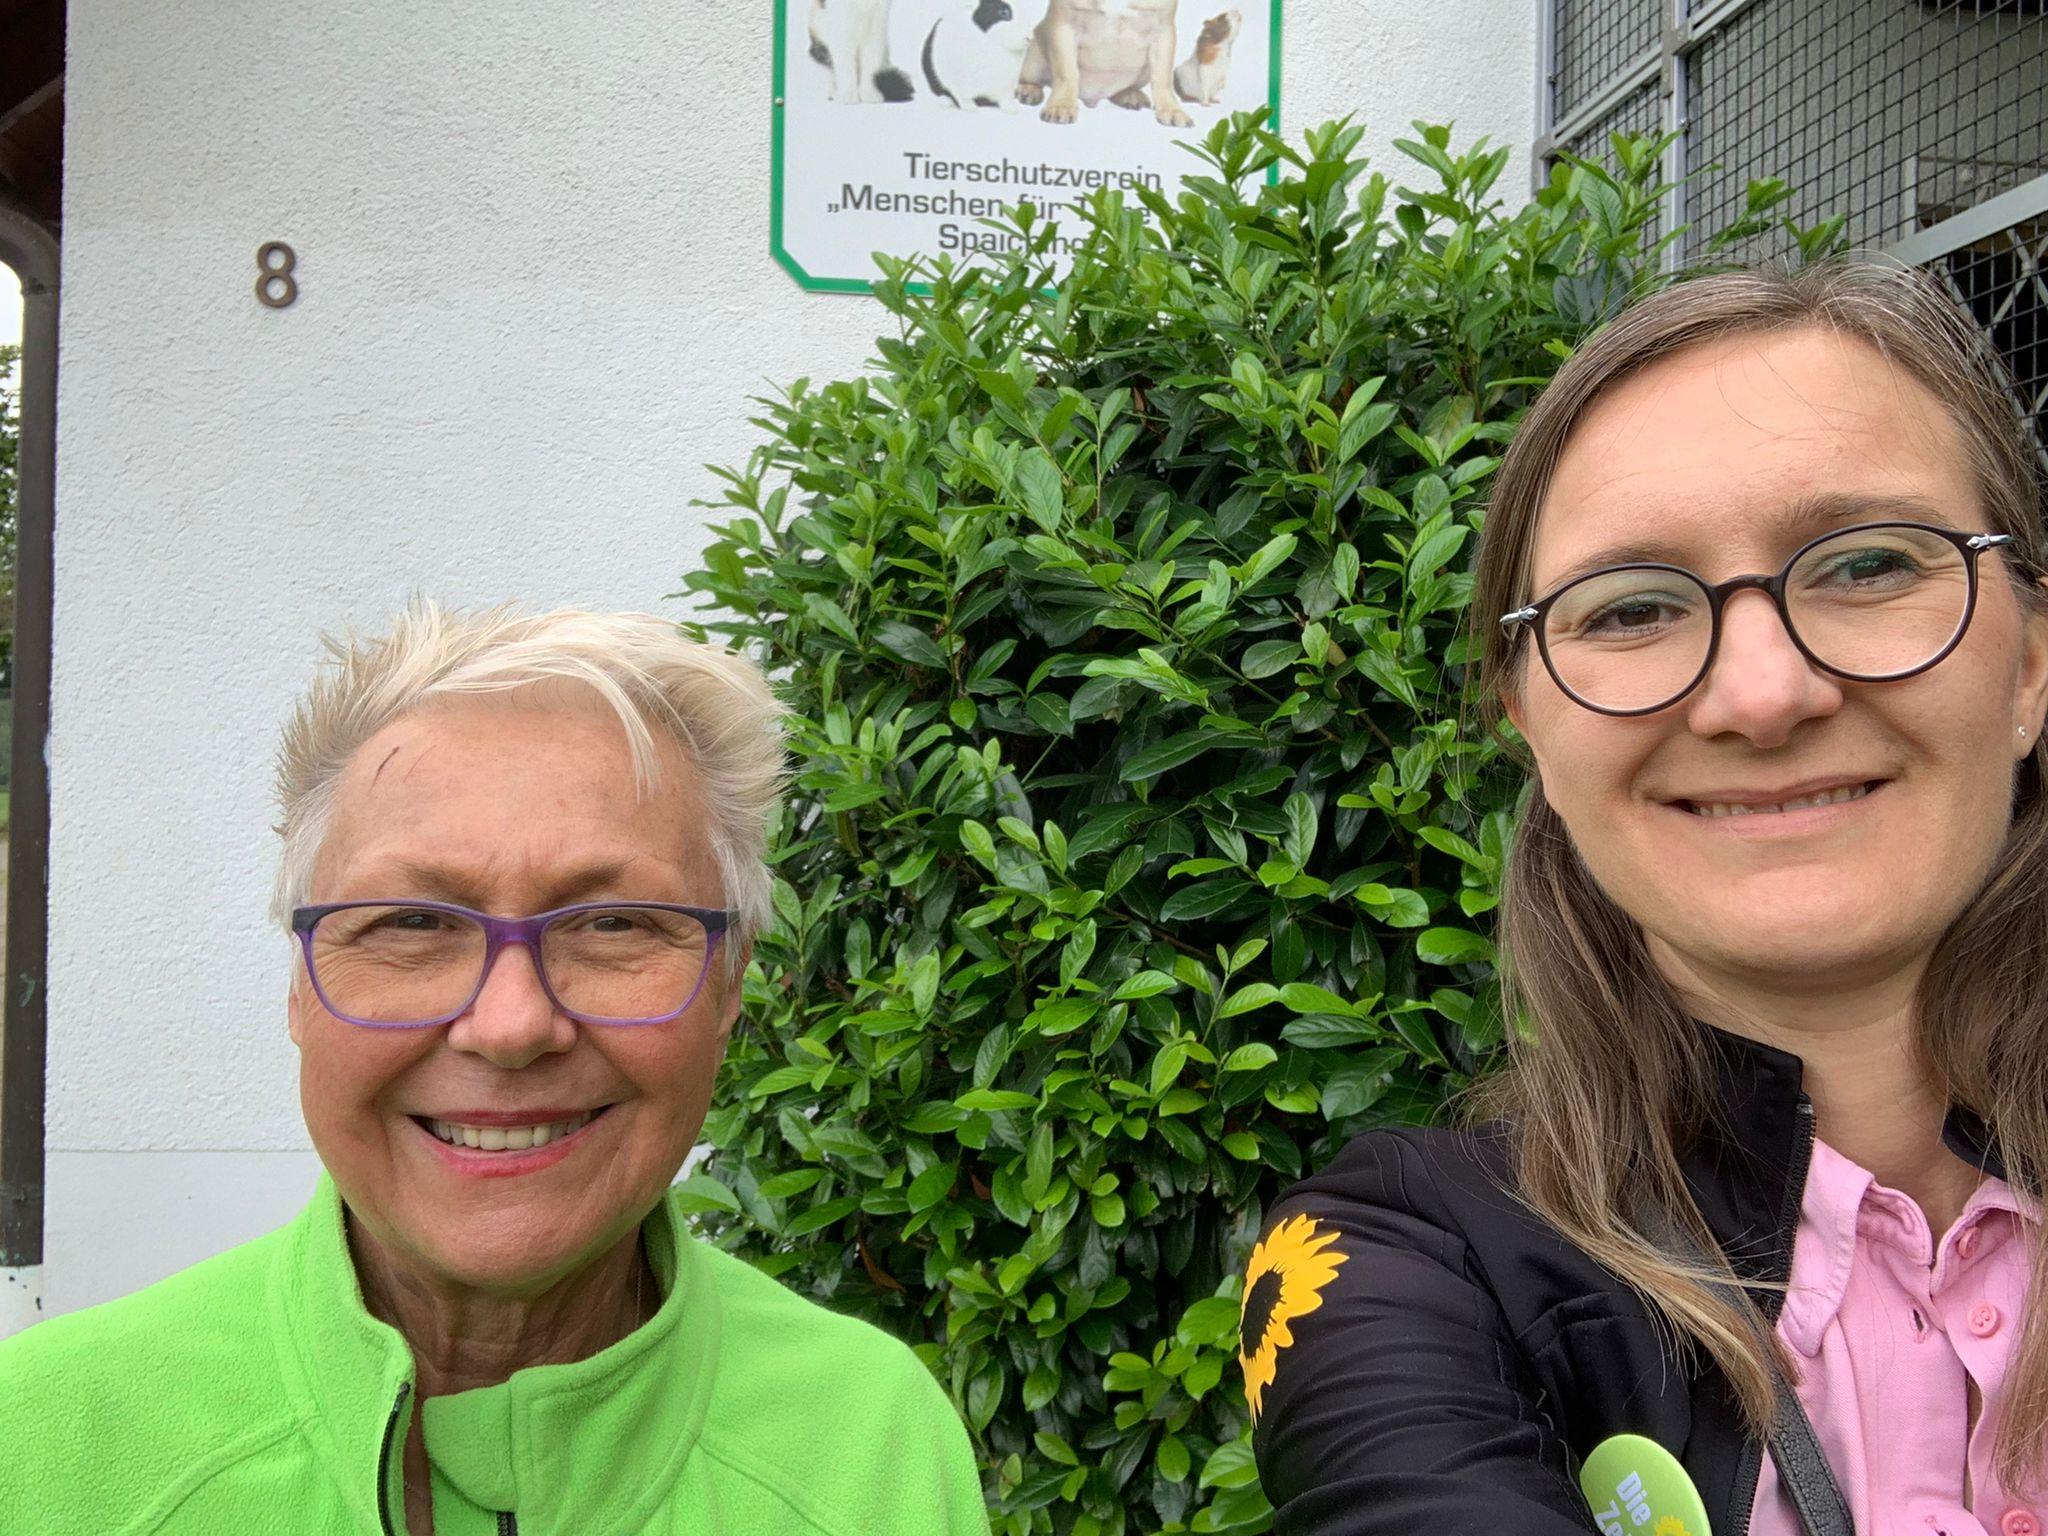 Verein Menschen für Tiere: Annette Reif verspricht Unterstützung